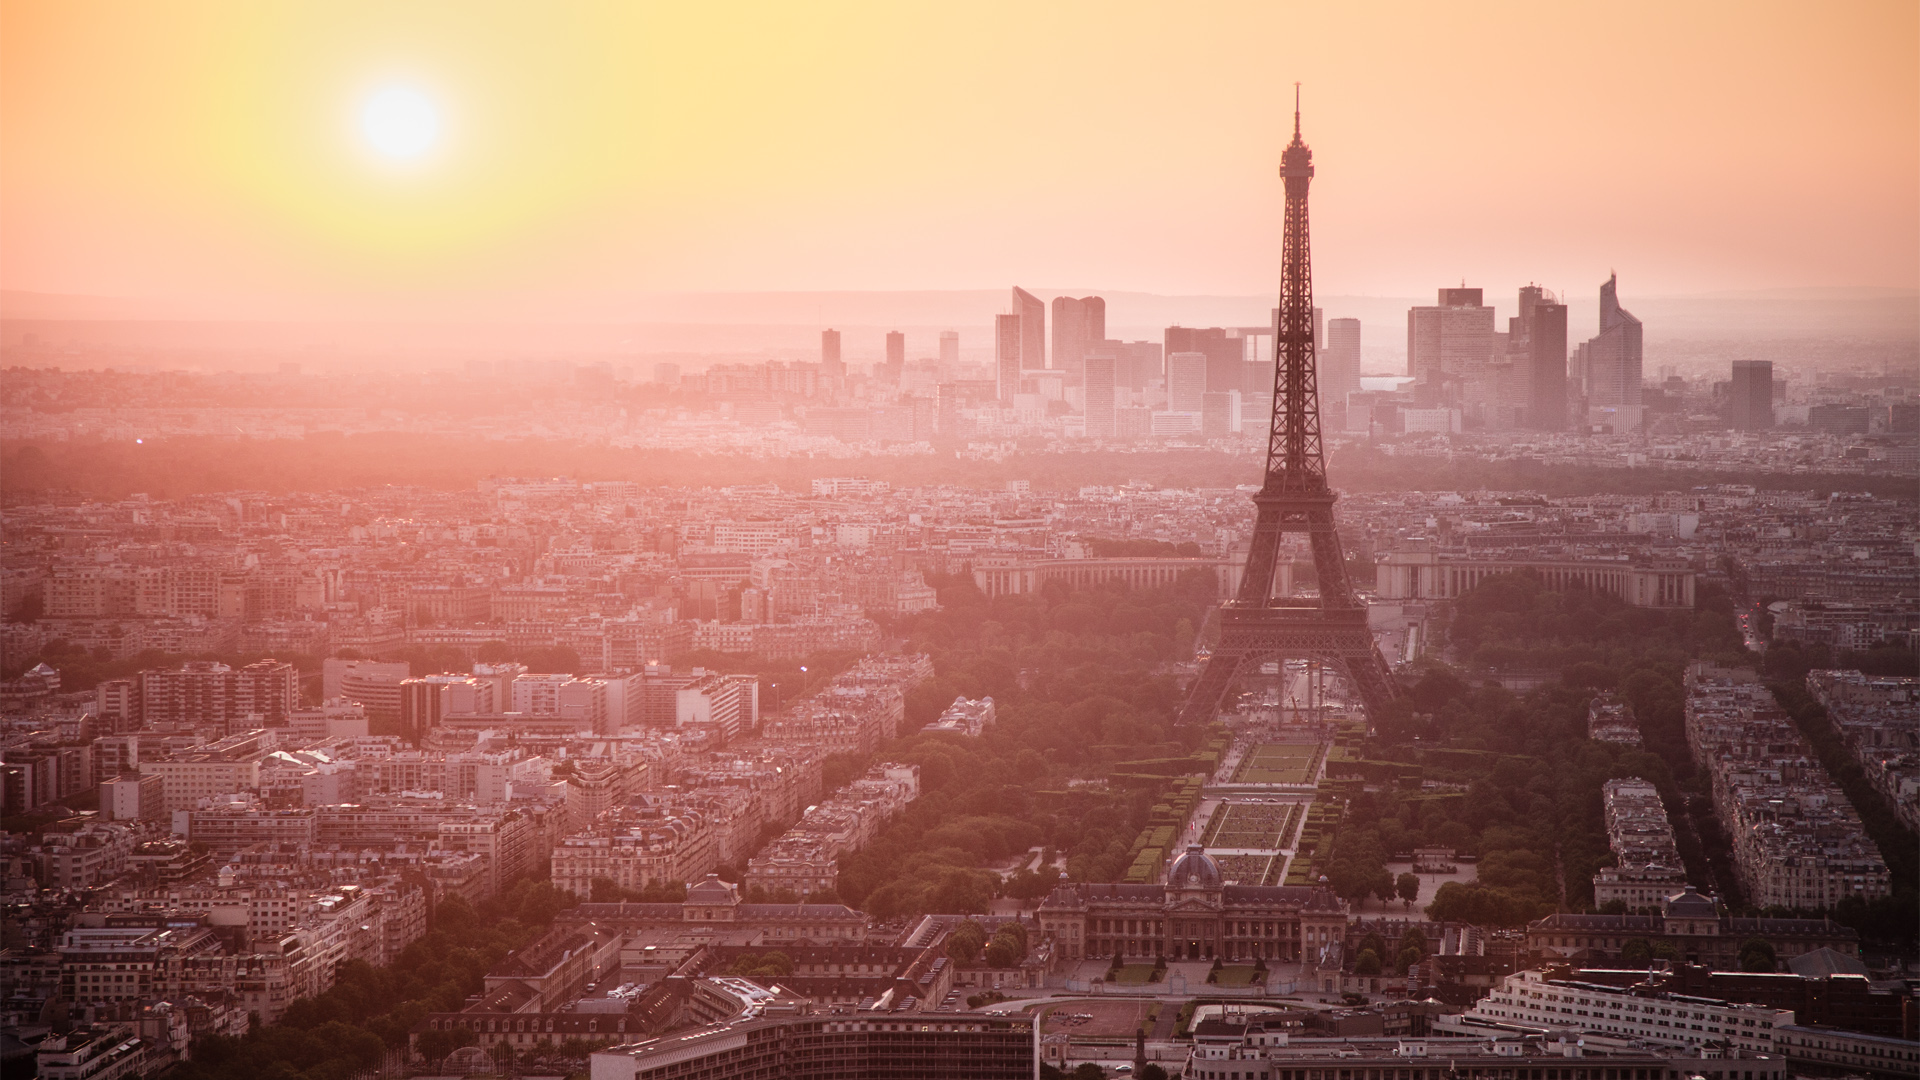 sunset_skyline_hd.jpg